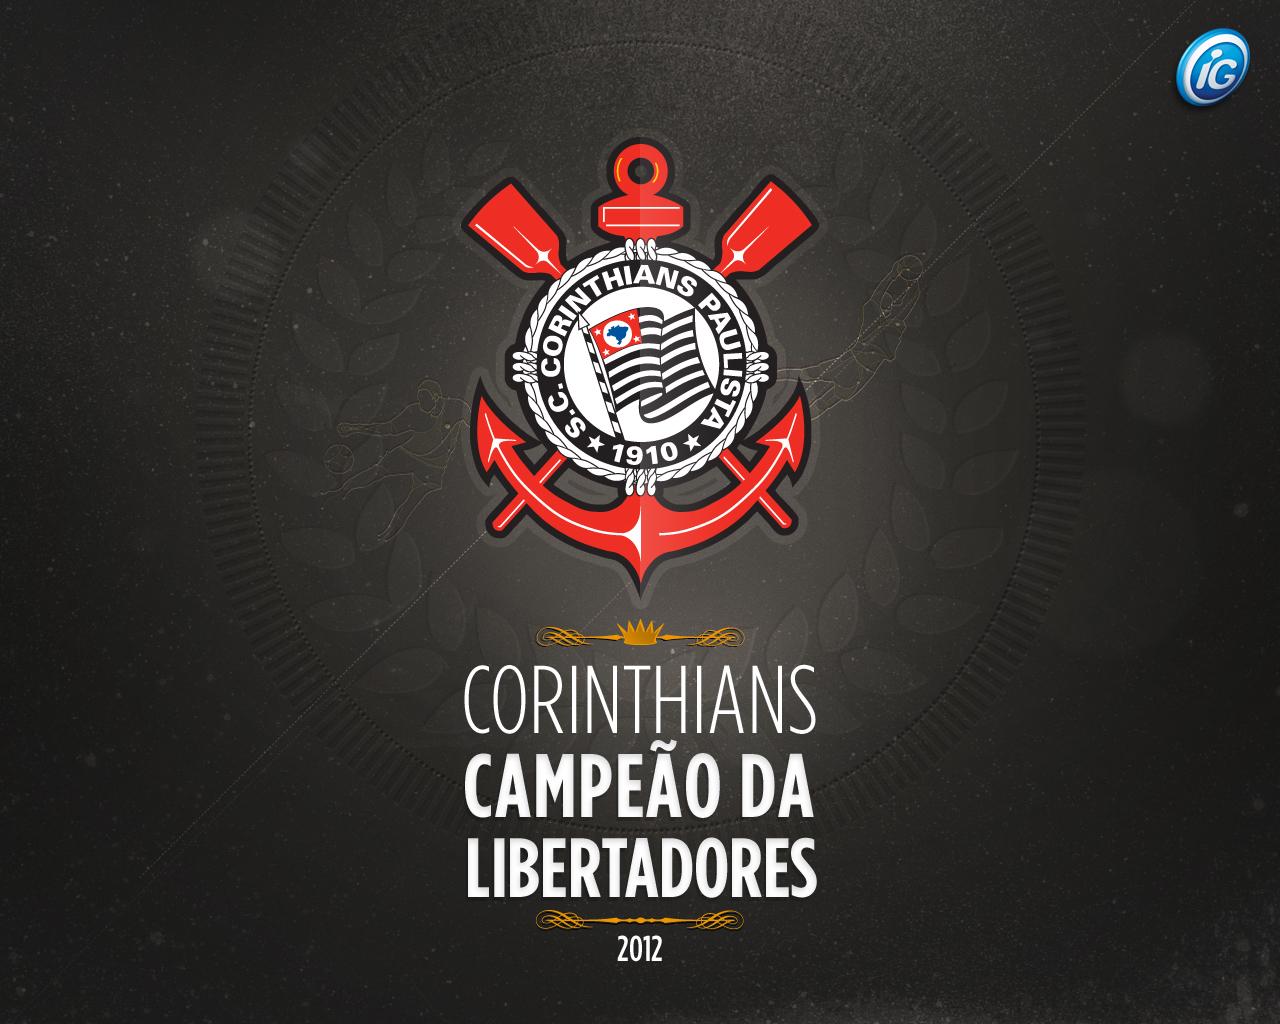 Corinthians Campeão da Libertadores 2012_Papel de Parede, Wallpapaer, Poster_Timão_Vai corinthians_Invicto_2012 (11)